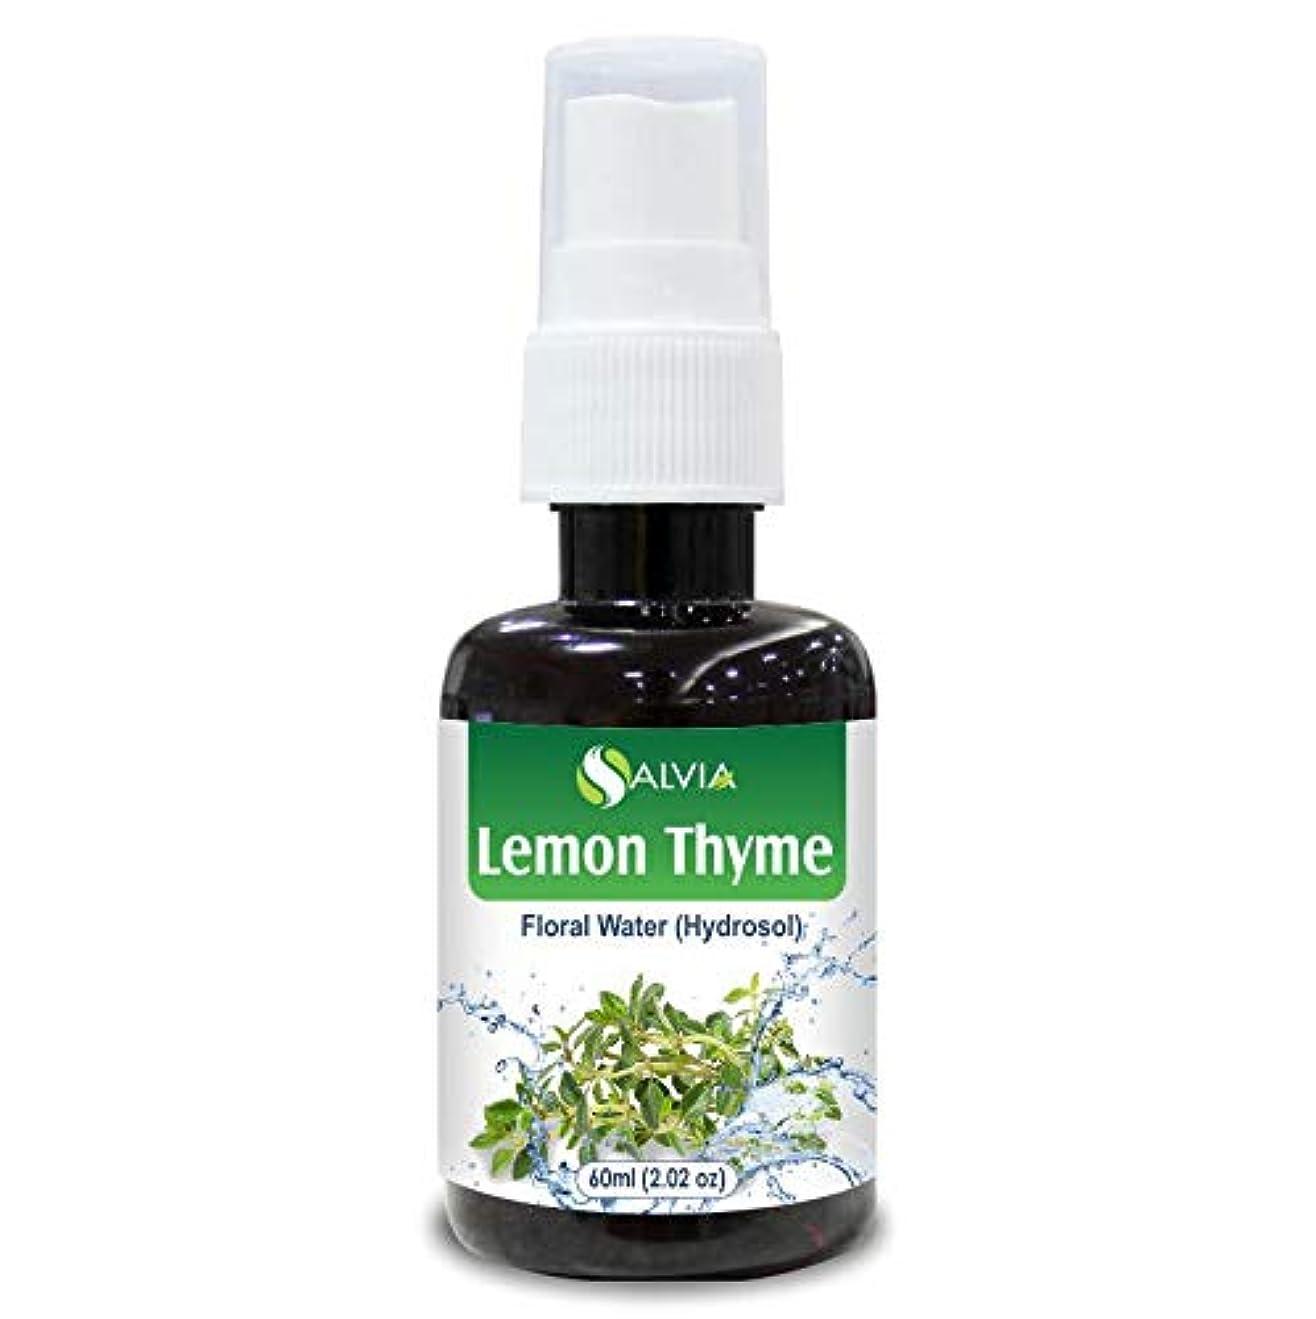 警察過剰深くLemon Thyme Floral Water 60ml (Hydrosol) 100% Pure And Natural